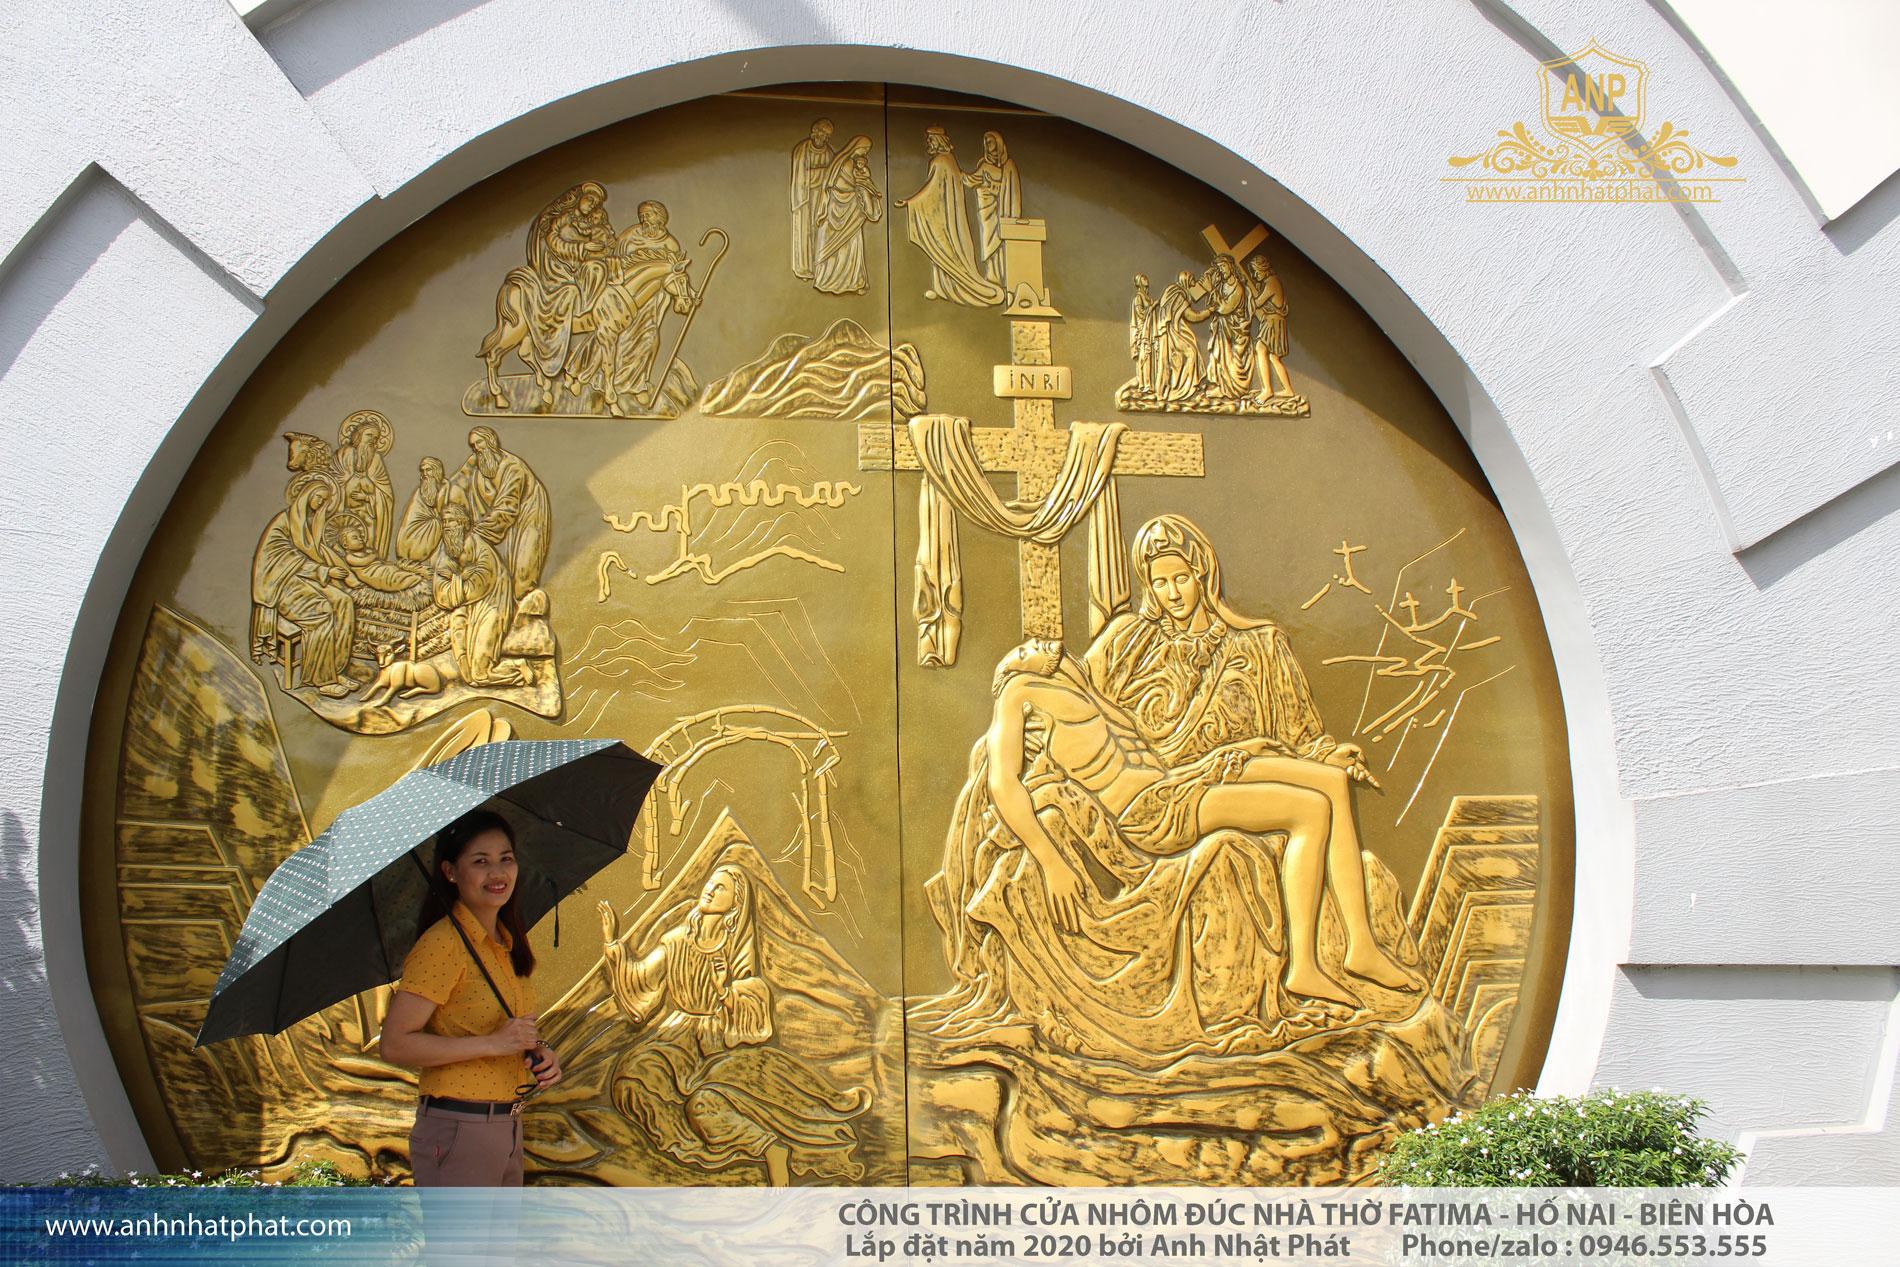 cửa nhôm đúc nhà thờ